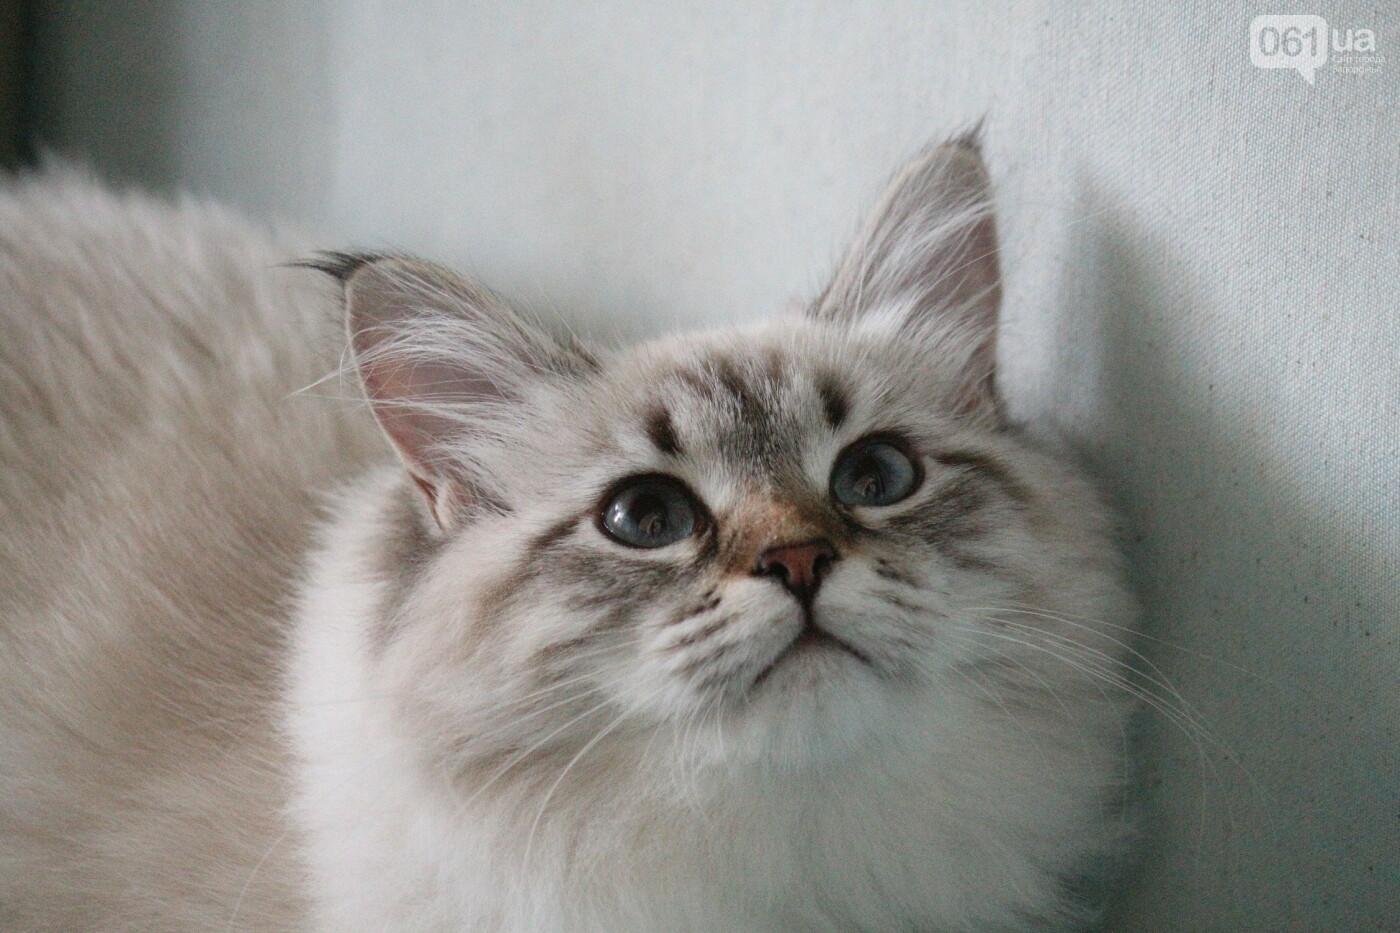 В Запорожье на выставке кошек показали 130 питомцев со всей Украины, – ФОТОРЕПОРТАЖ, фото-15